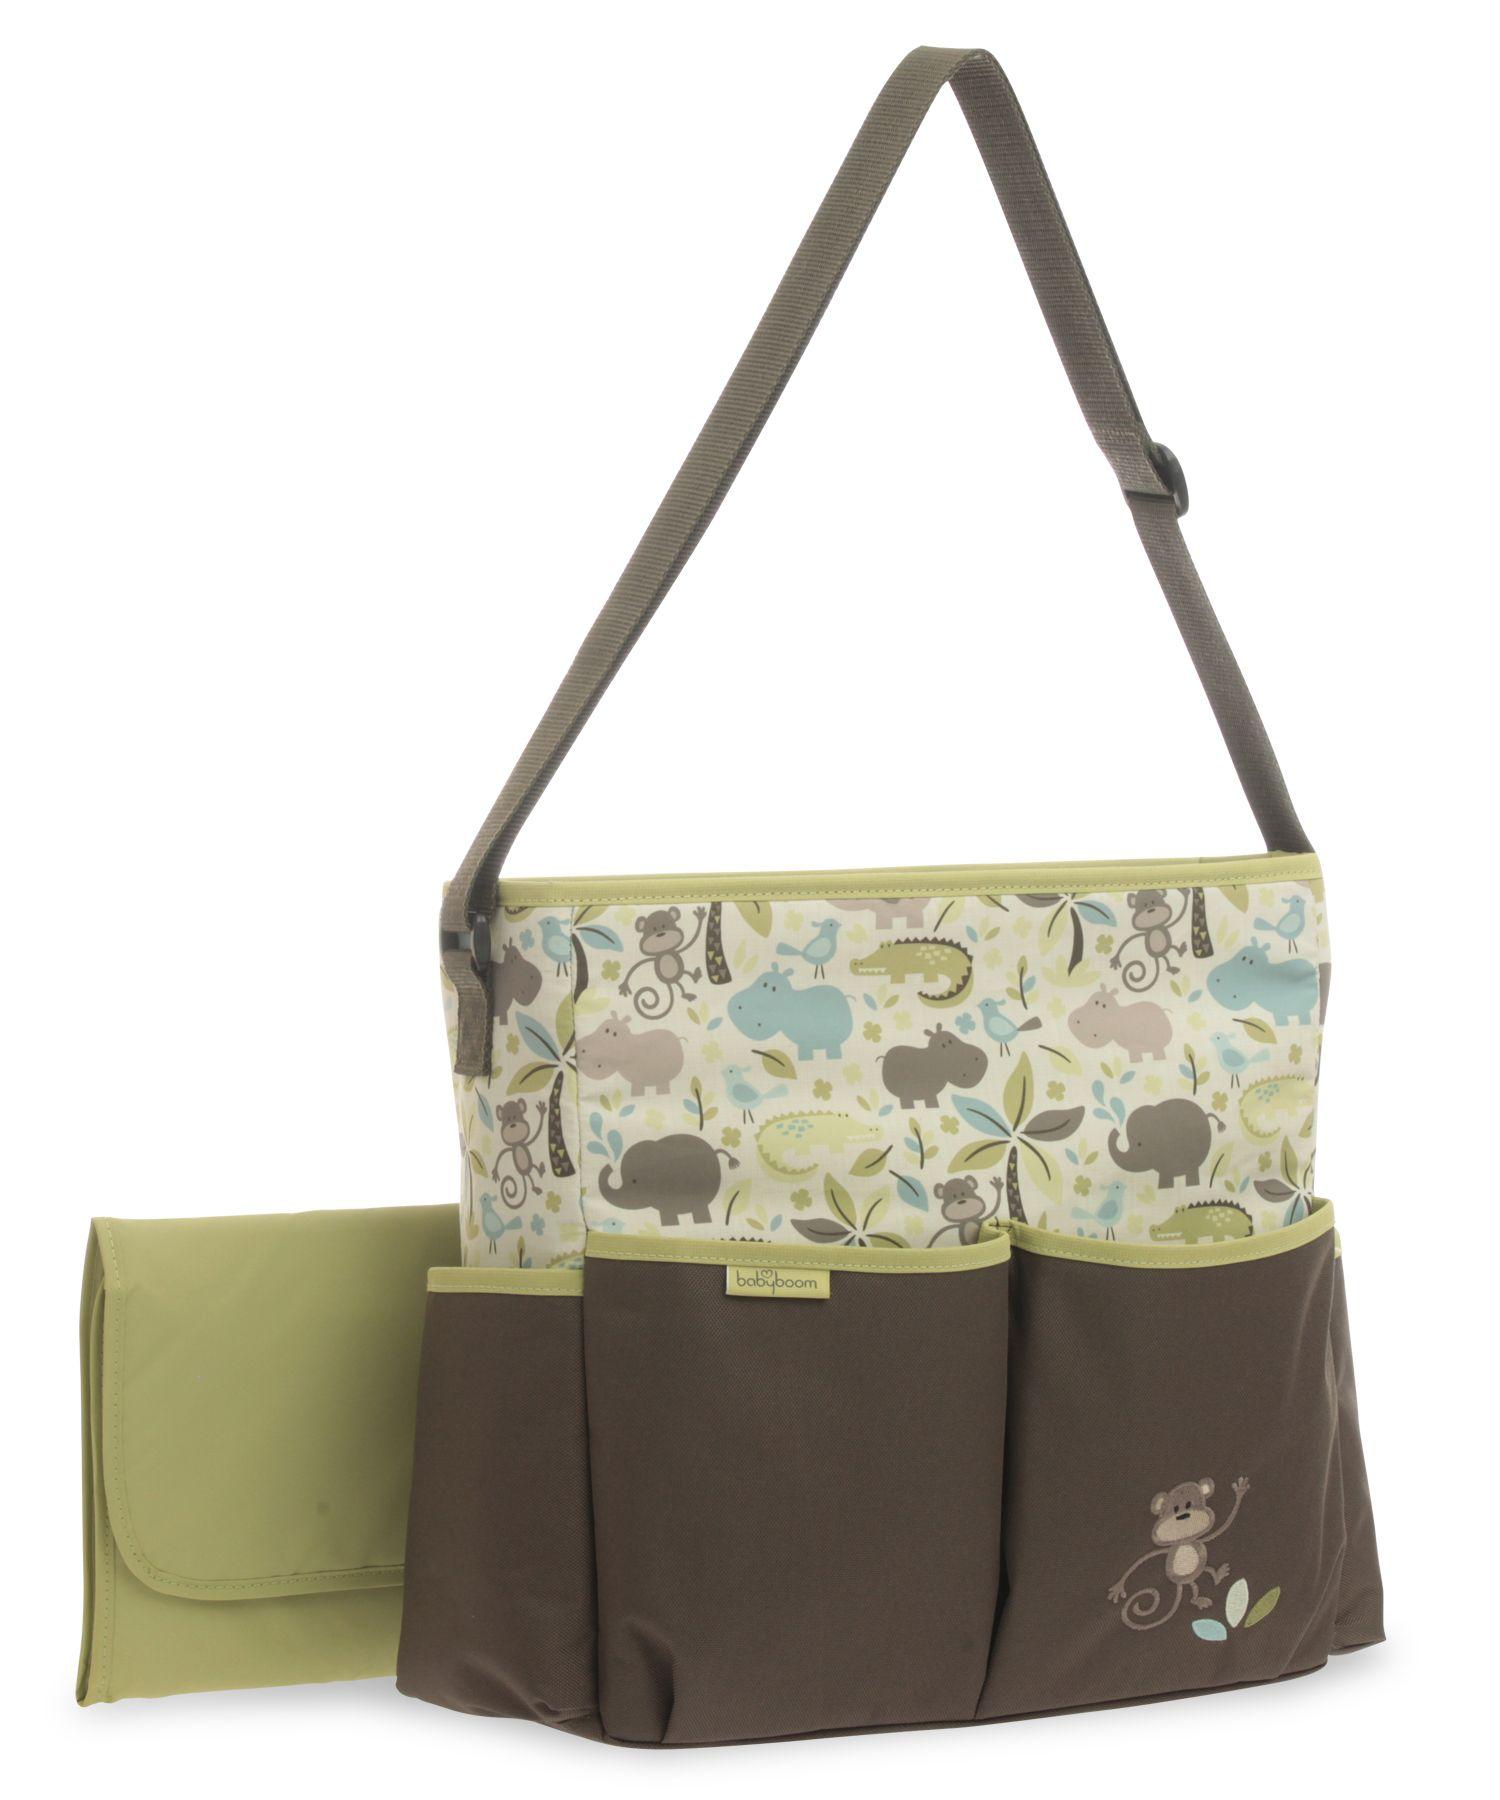 Baby Boom Super Safari Diaper Bag